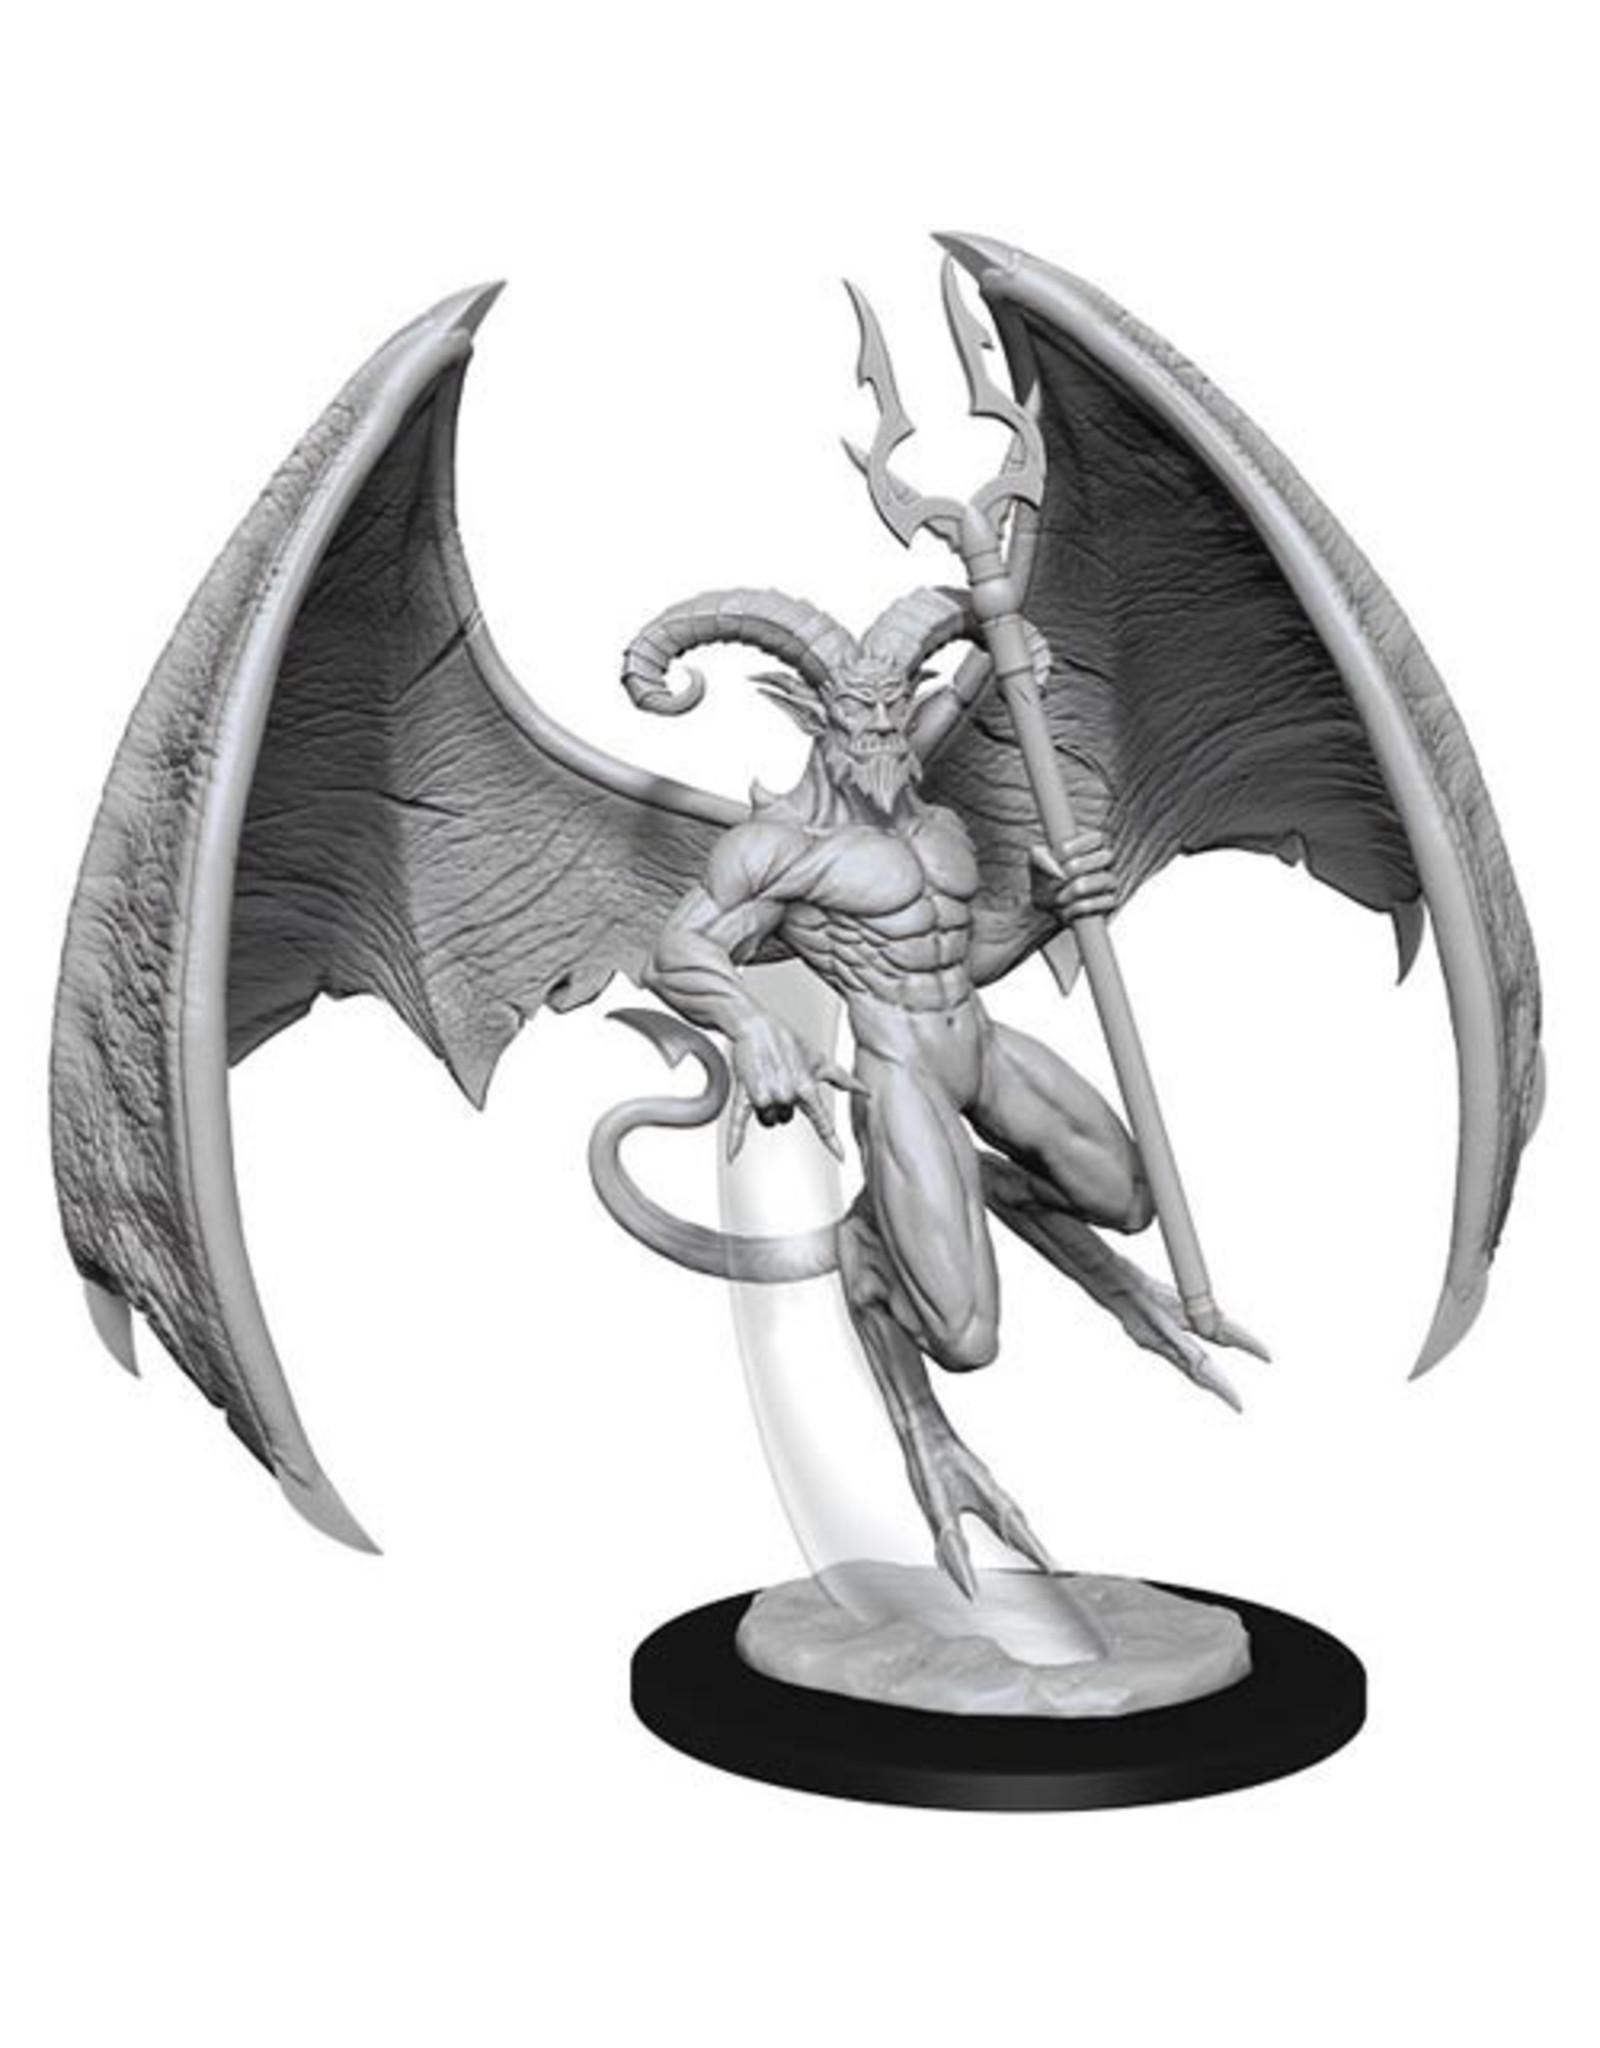 WIZKIDS D&D NOLZUR'S MARVELOUS UNPAINTED MINIS W14 HORNED DEVIL